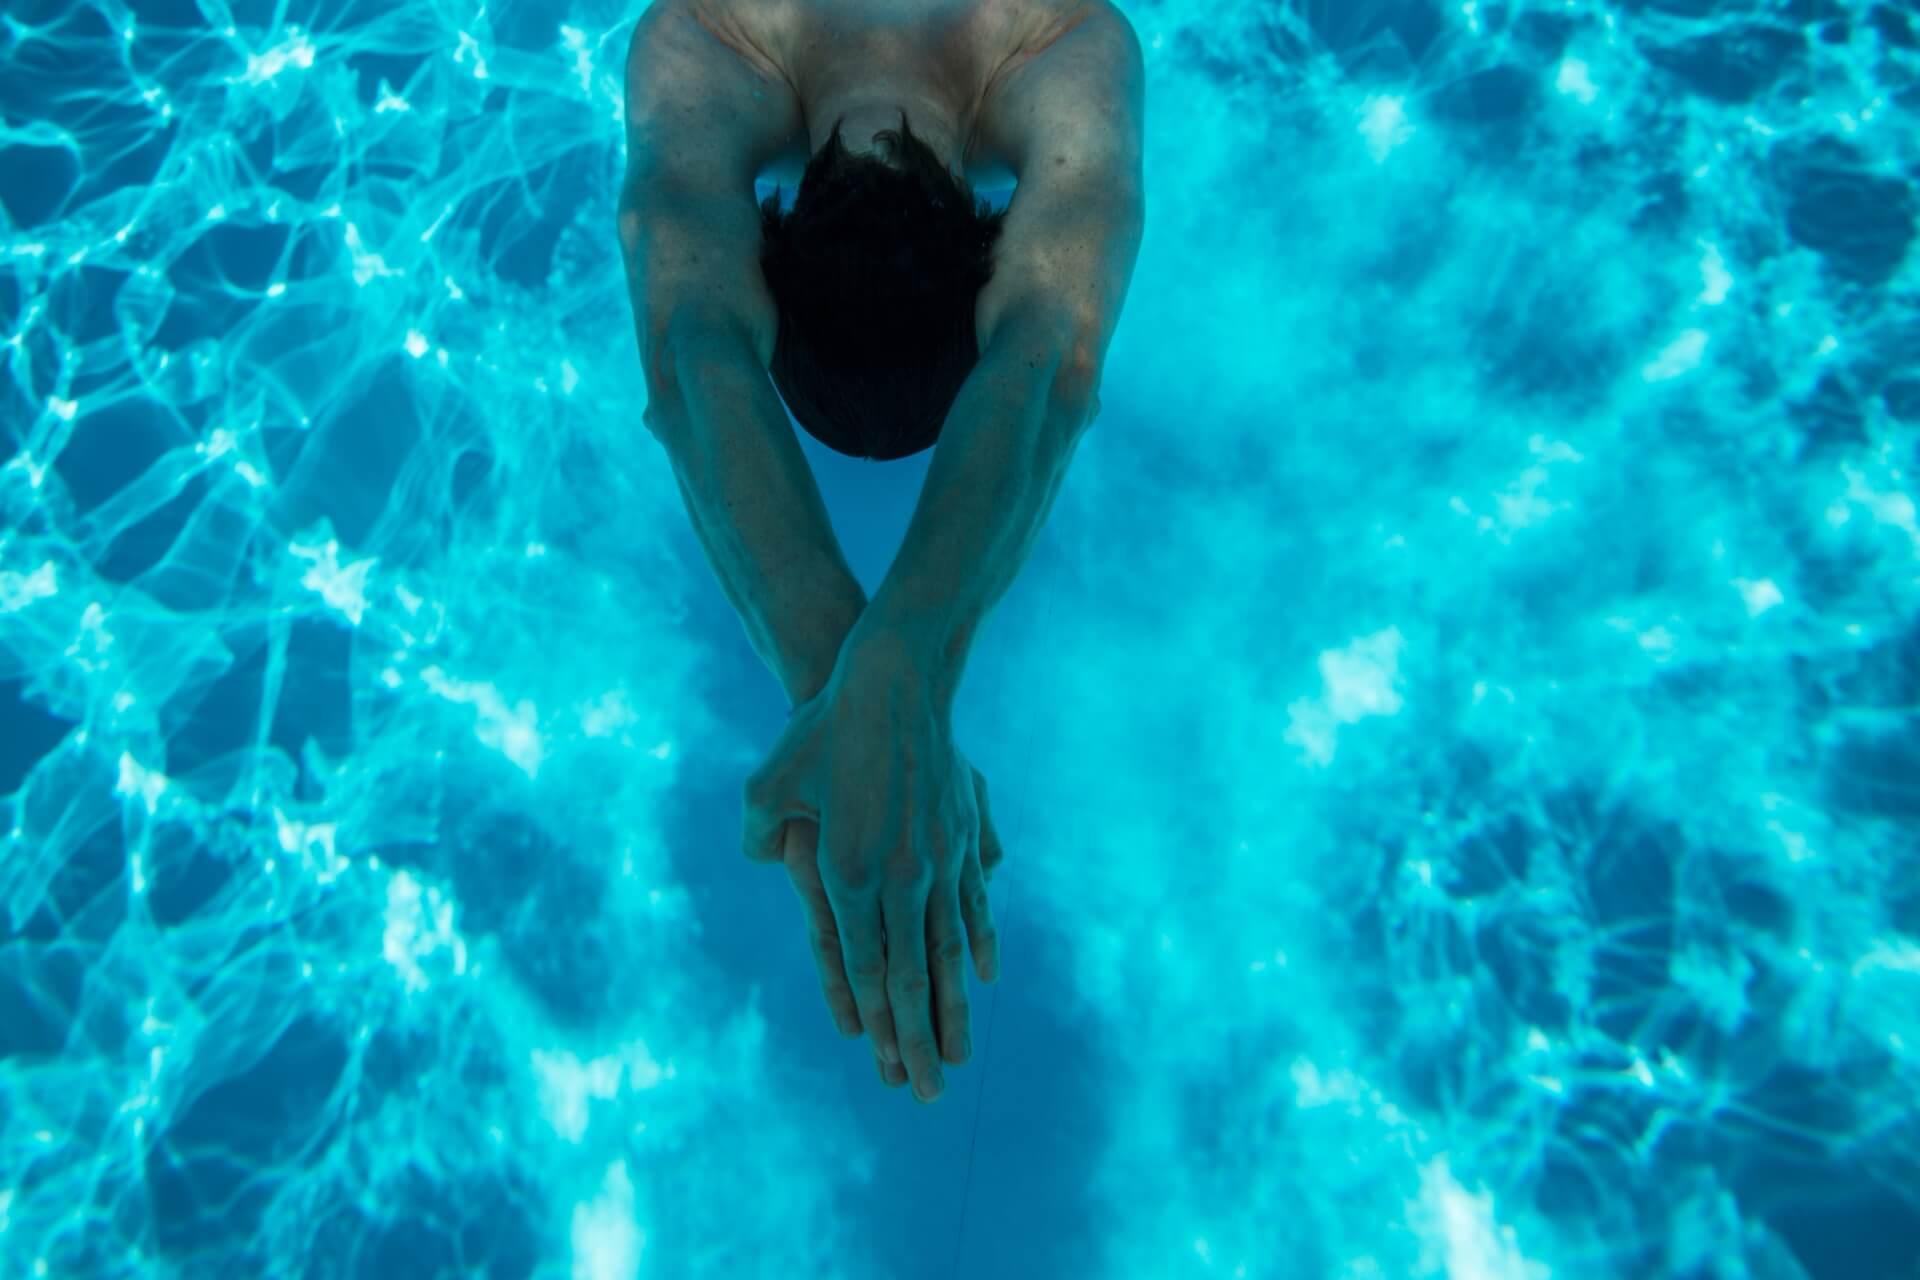 プールを題材にした映画にはどんなものがある?